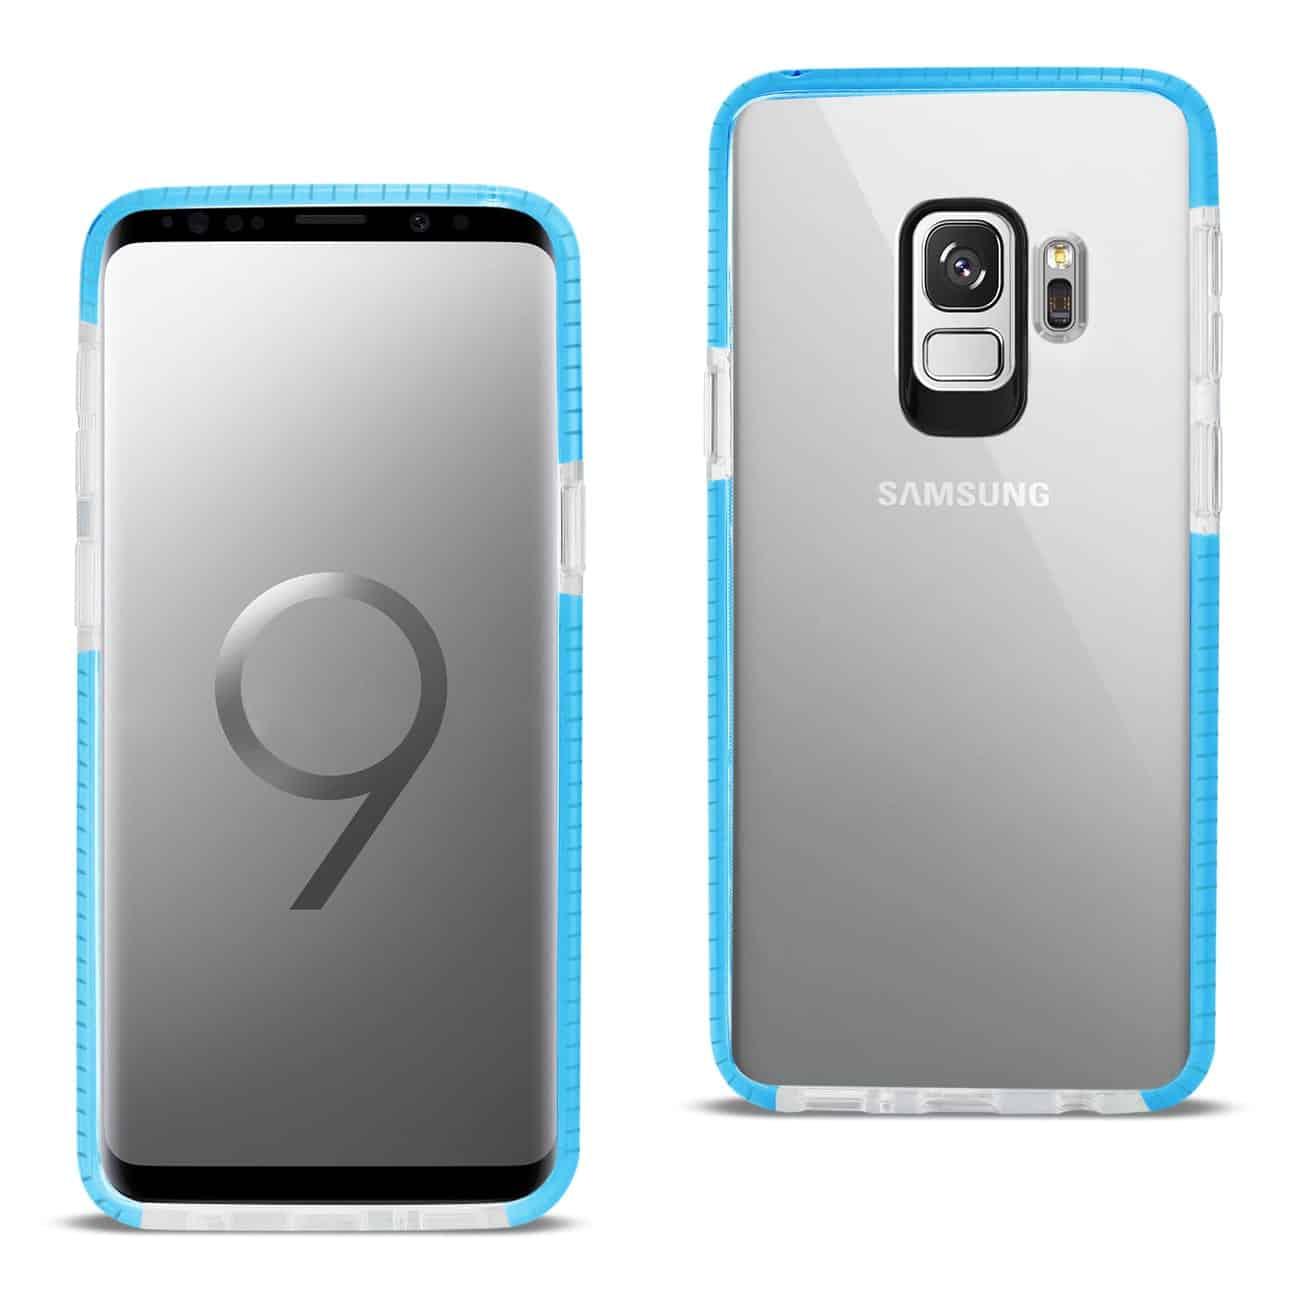 Samsung Galaxy S9 Soft Transparent TPU Case In Clear Blue